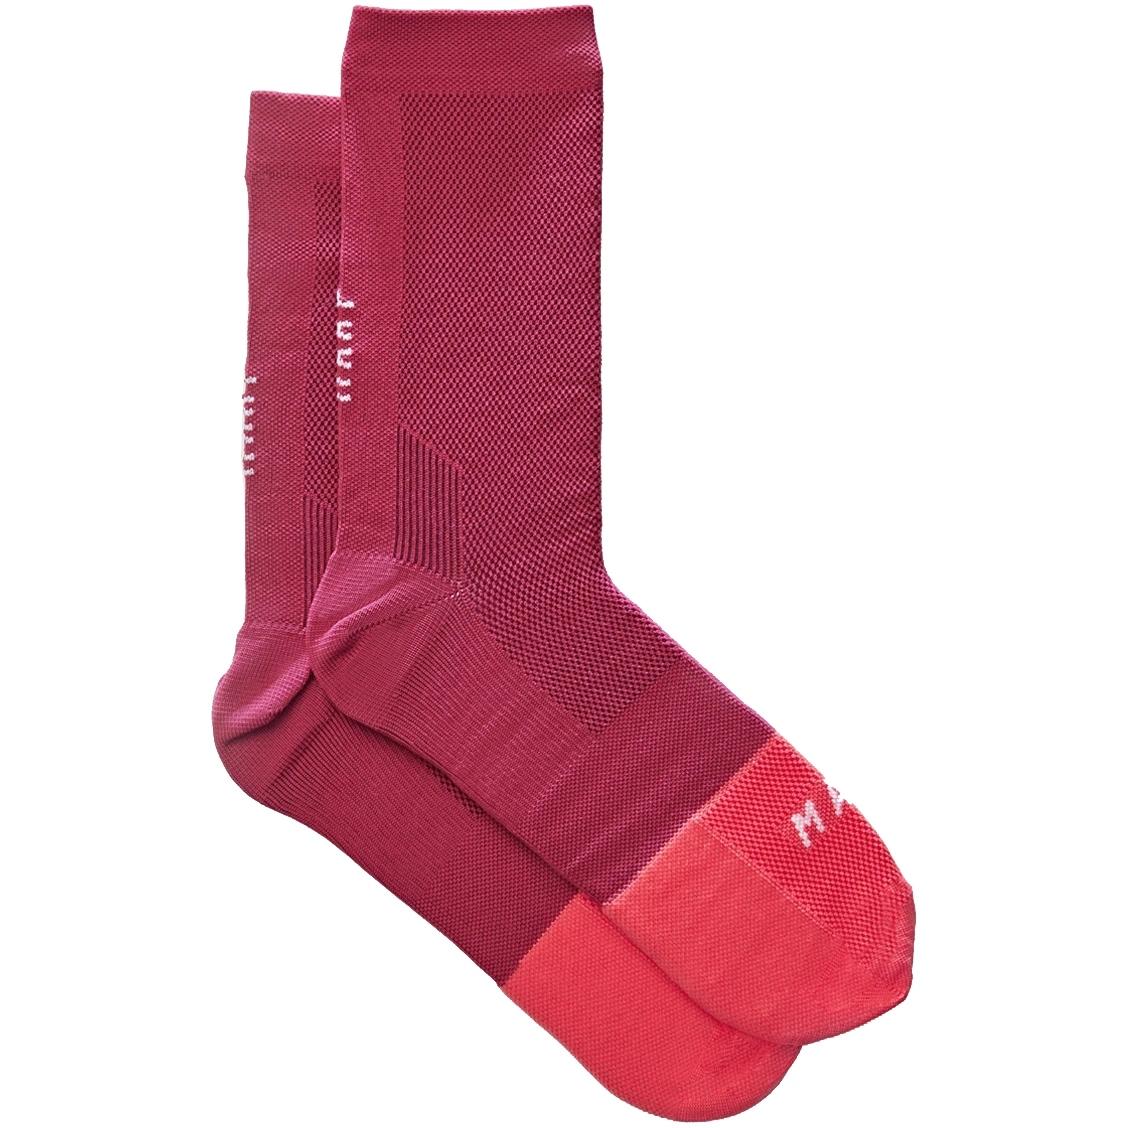 MAAP Division Socks - plum